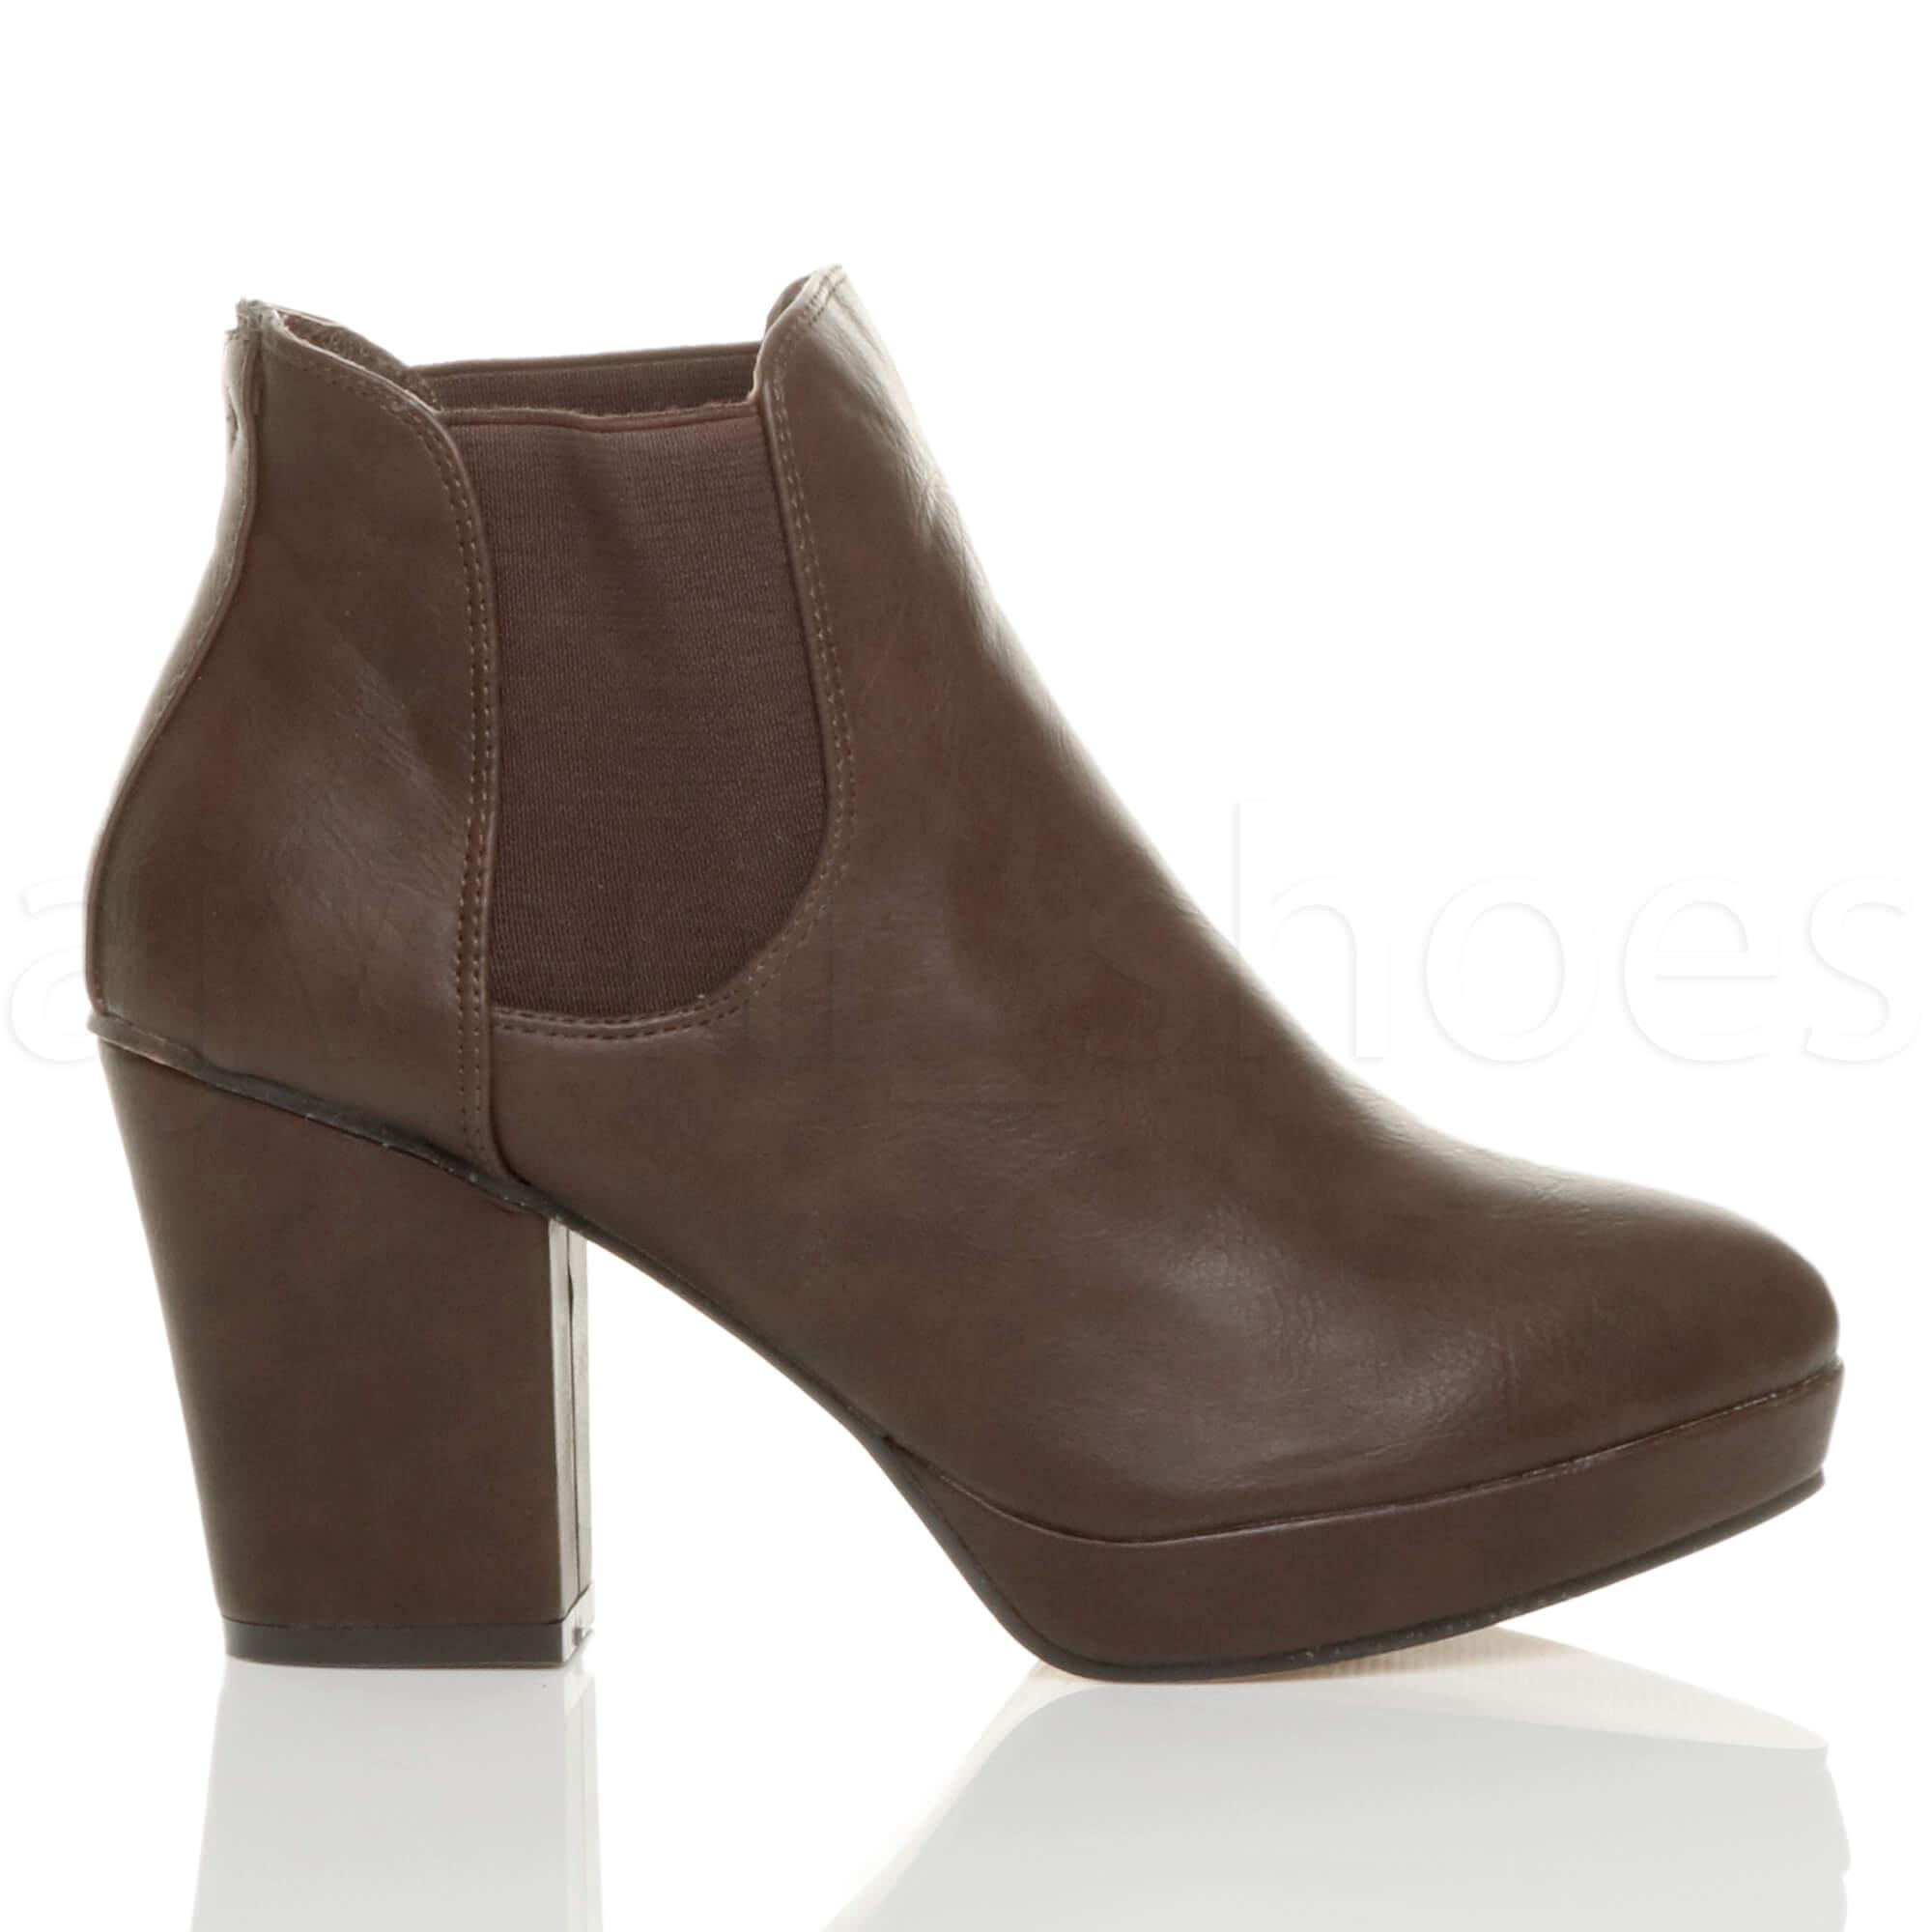 Brown High Heel Shoes Uk